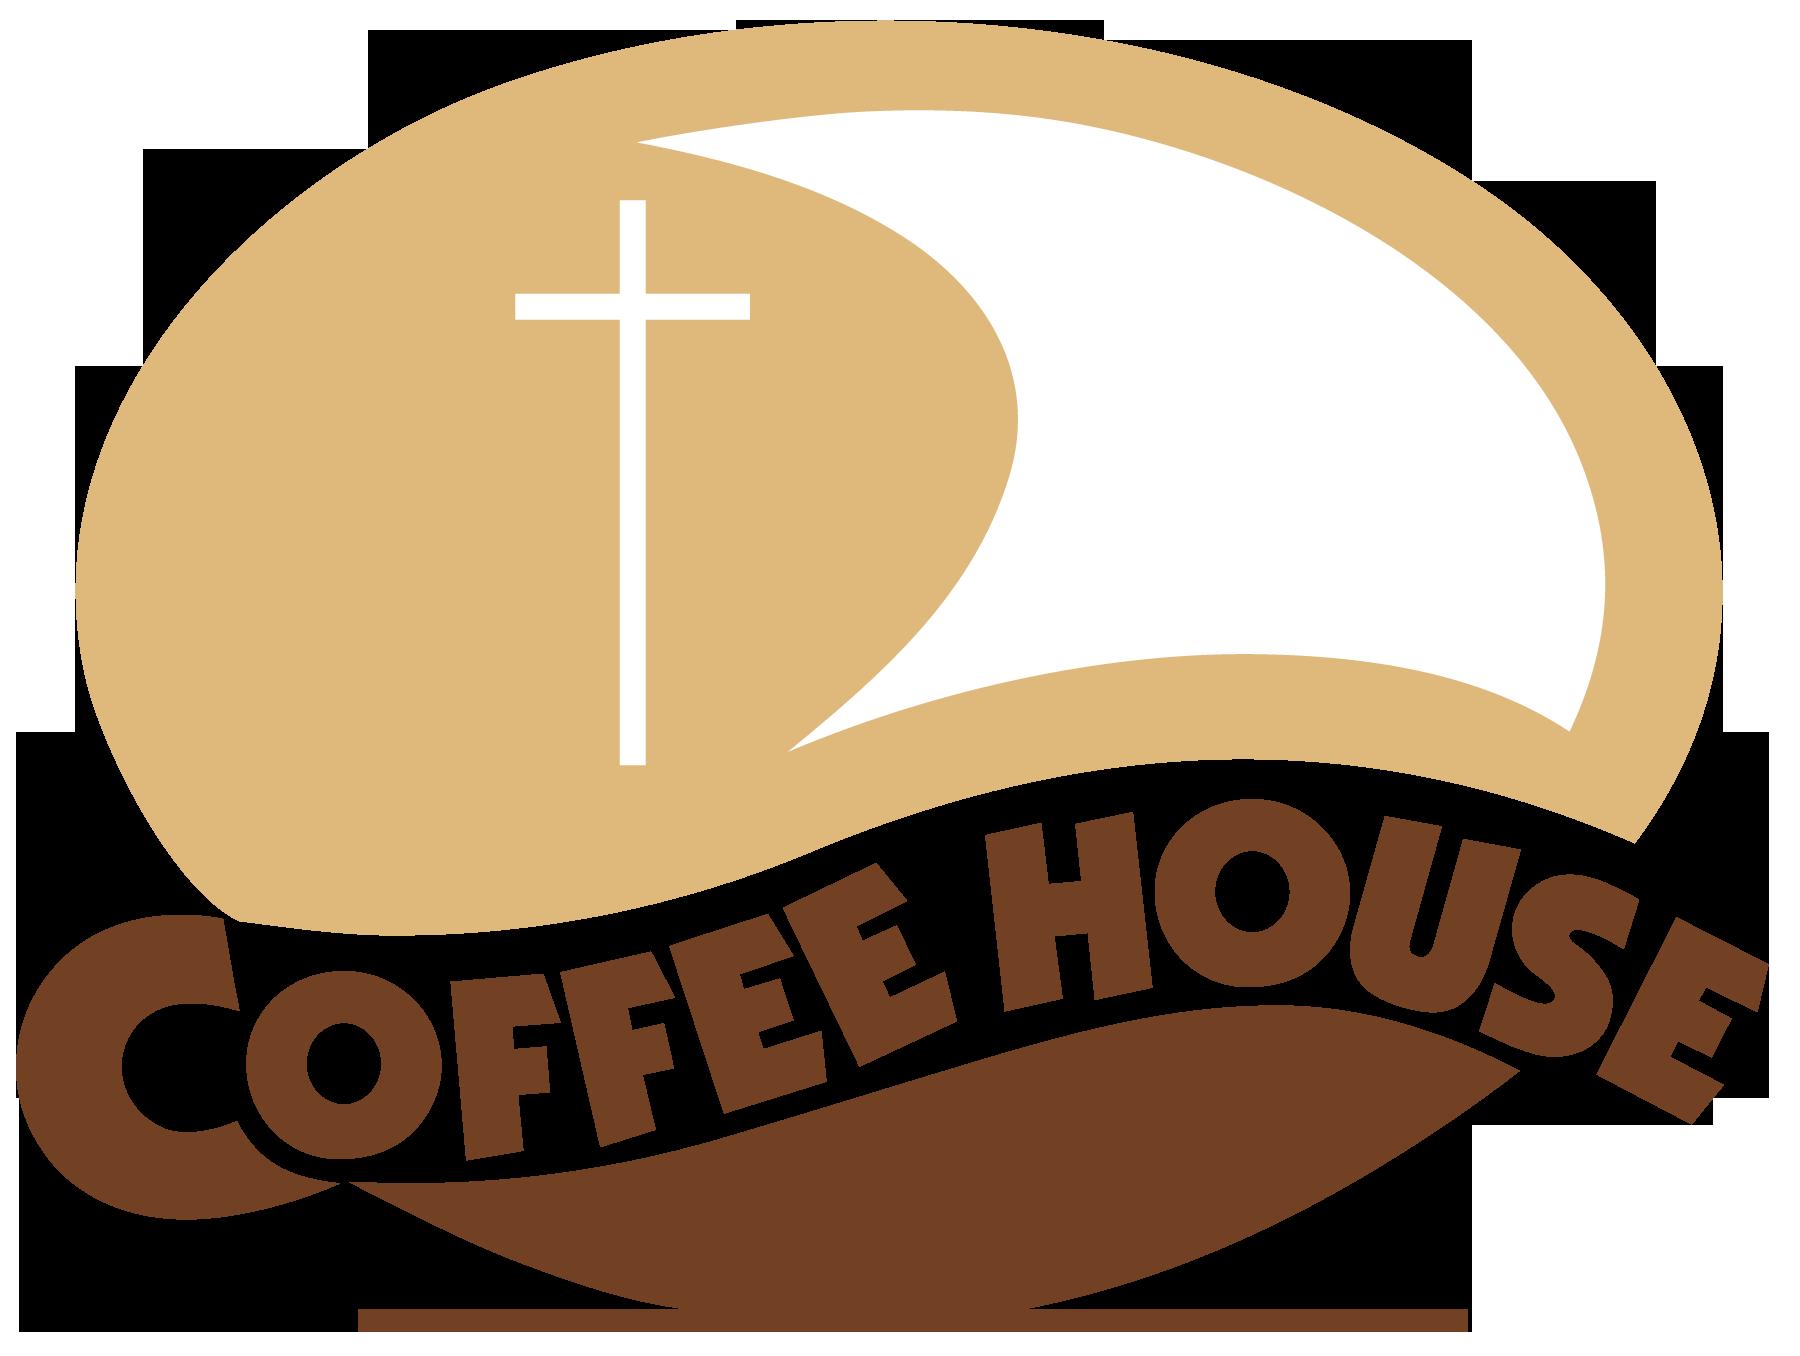 coffeehouse_logo_sw